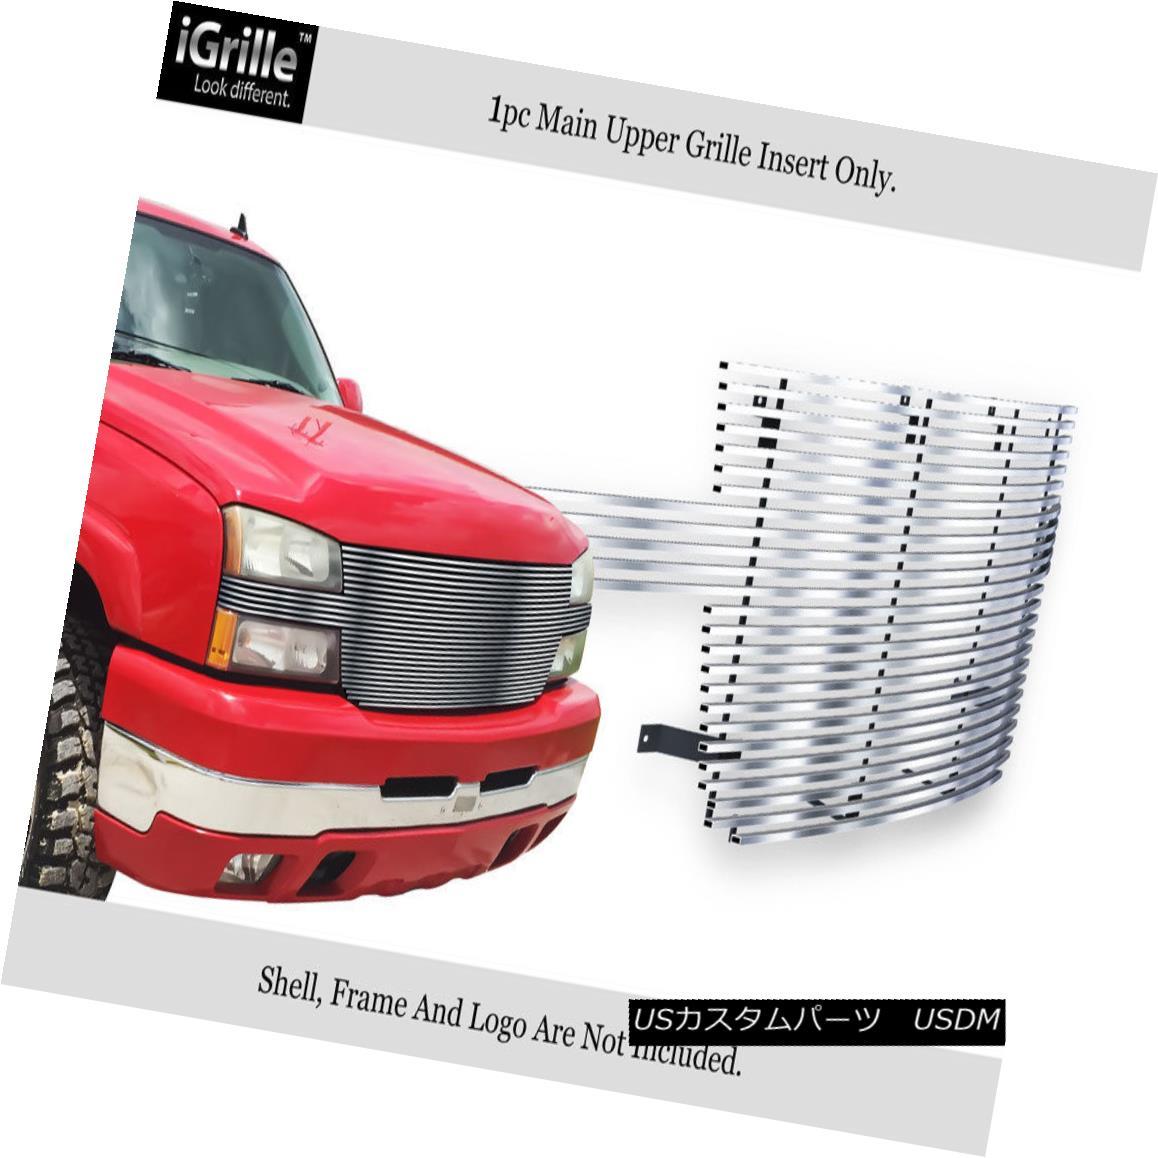 グリル Fits 2005-2006 Chevy Silverado 2500/3500 Stainless Steel Billet Grille Insert 2005-2006 Chevy Silverado 2500/3500ステンレス鋼ビレットグリルインサートに適合